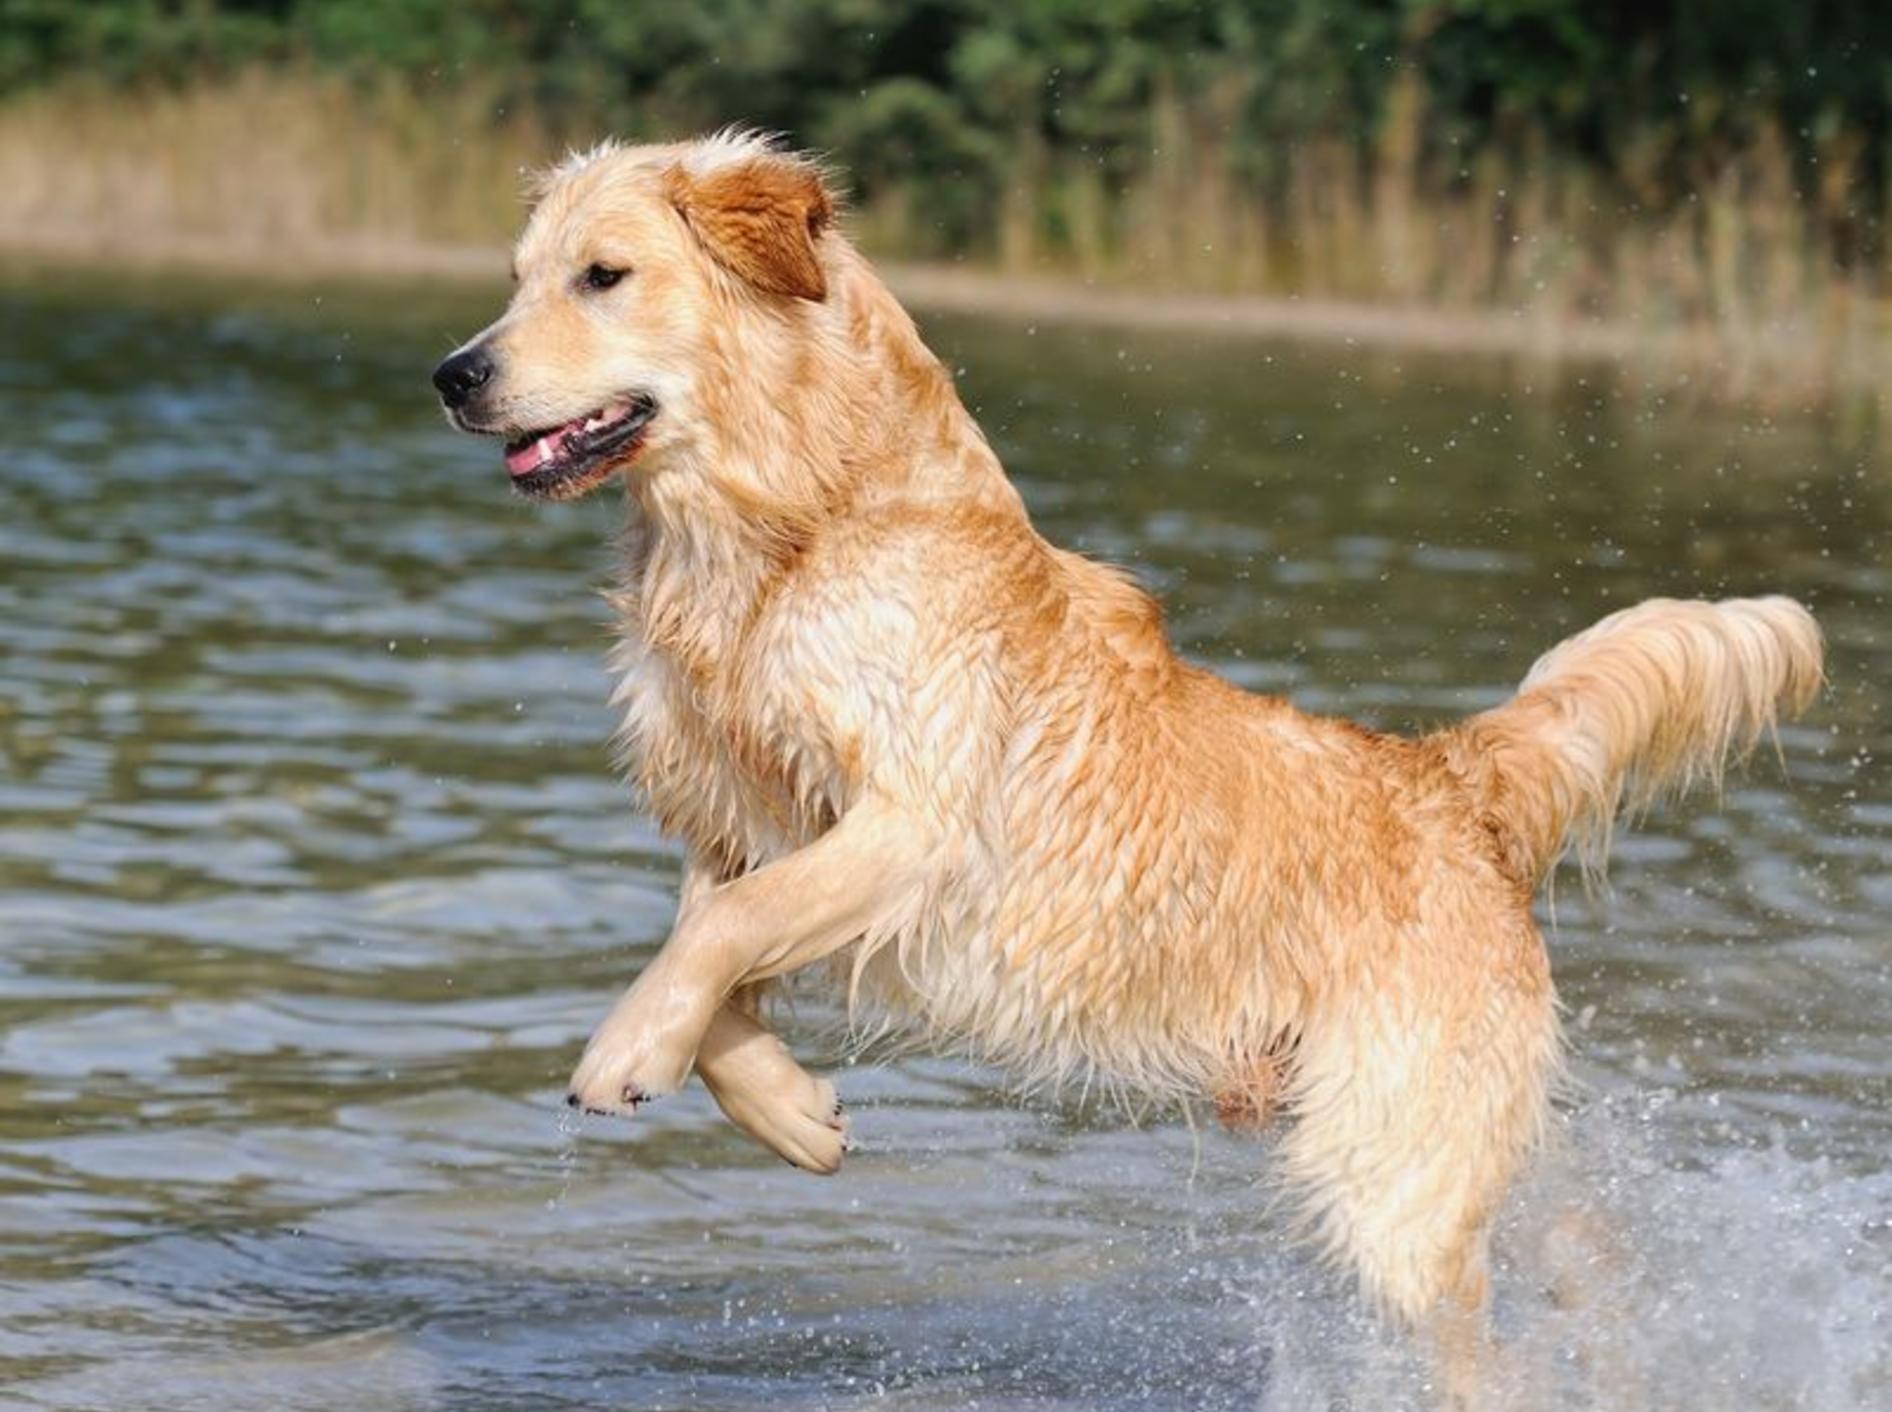 Der Golden Retriever ist ein Hund, der sich im und am Wasser pudelwohl fühlt. – Bild: Shutterstock / AnetaPics